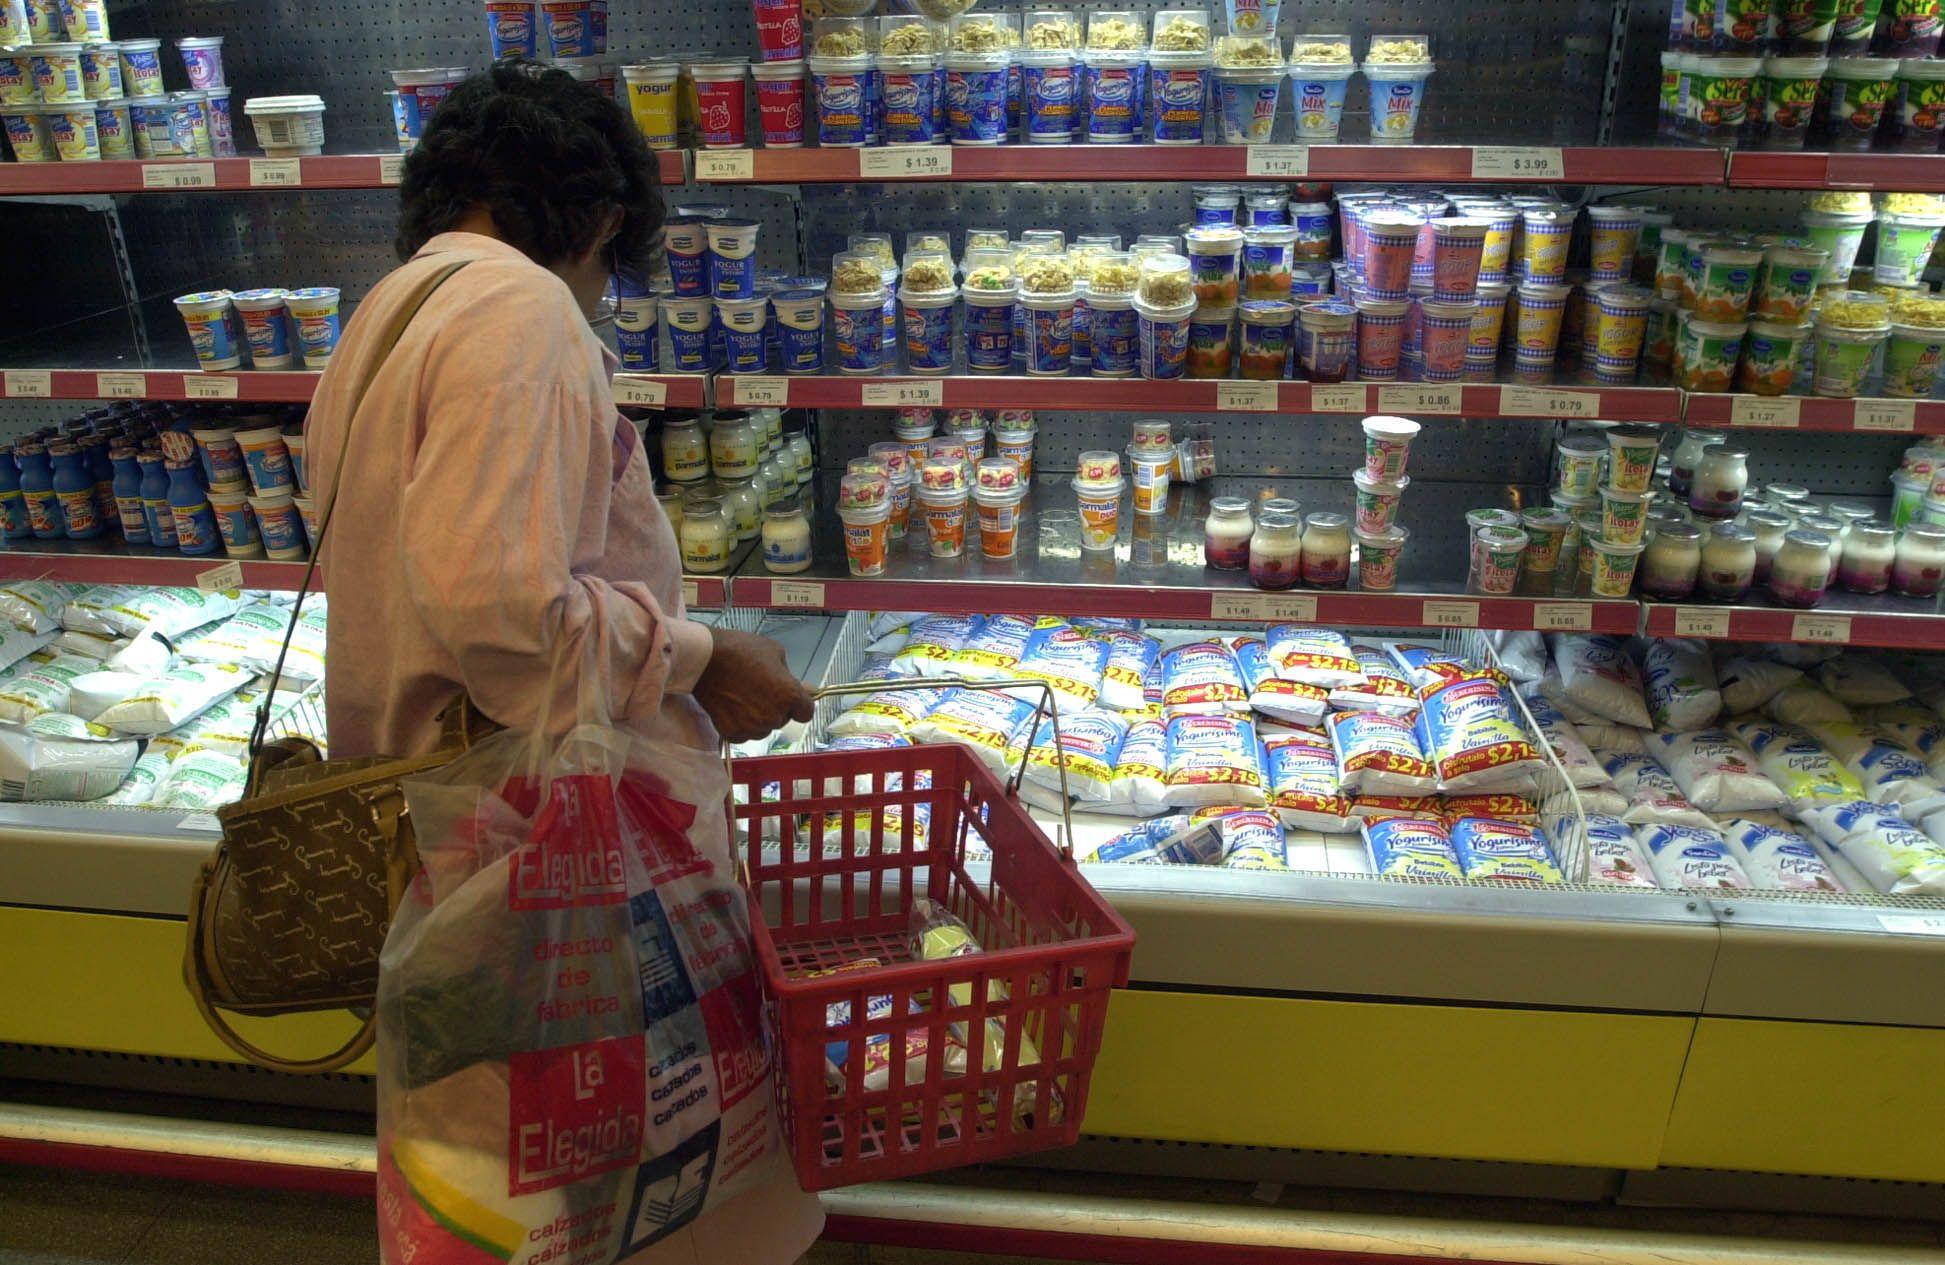 En 2020 cayó fuertemente el consumo de los productos de mayor valor agregado, como el yogurt en pote, los postres, flanes, quesos duros y untables, entre otros. (DyN)